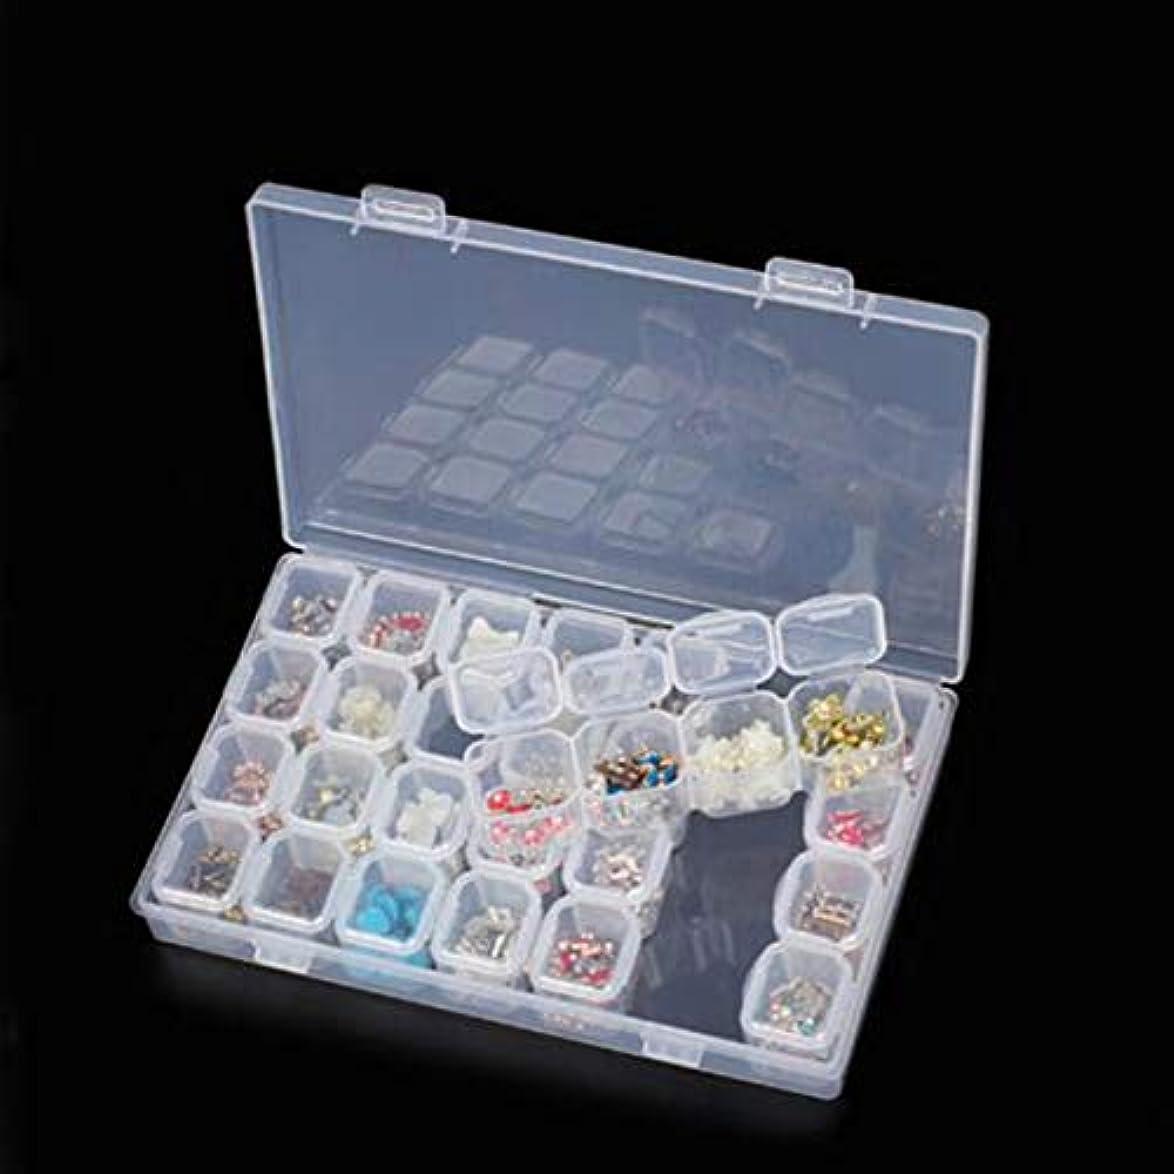 スリッパ硬い効果的Birdlantern 28スロットプラスチック収納ボックスダイヤモンド塗装キットネイルアートラインストーンツールビーズ収納ボックスケースオーガナイザーホルダー